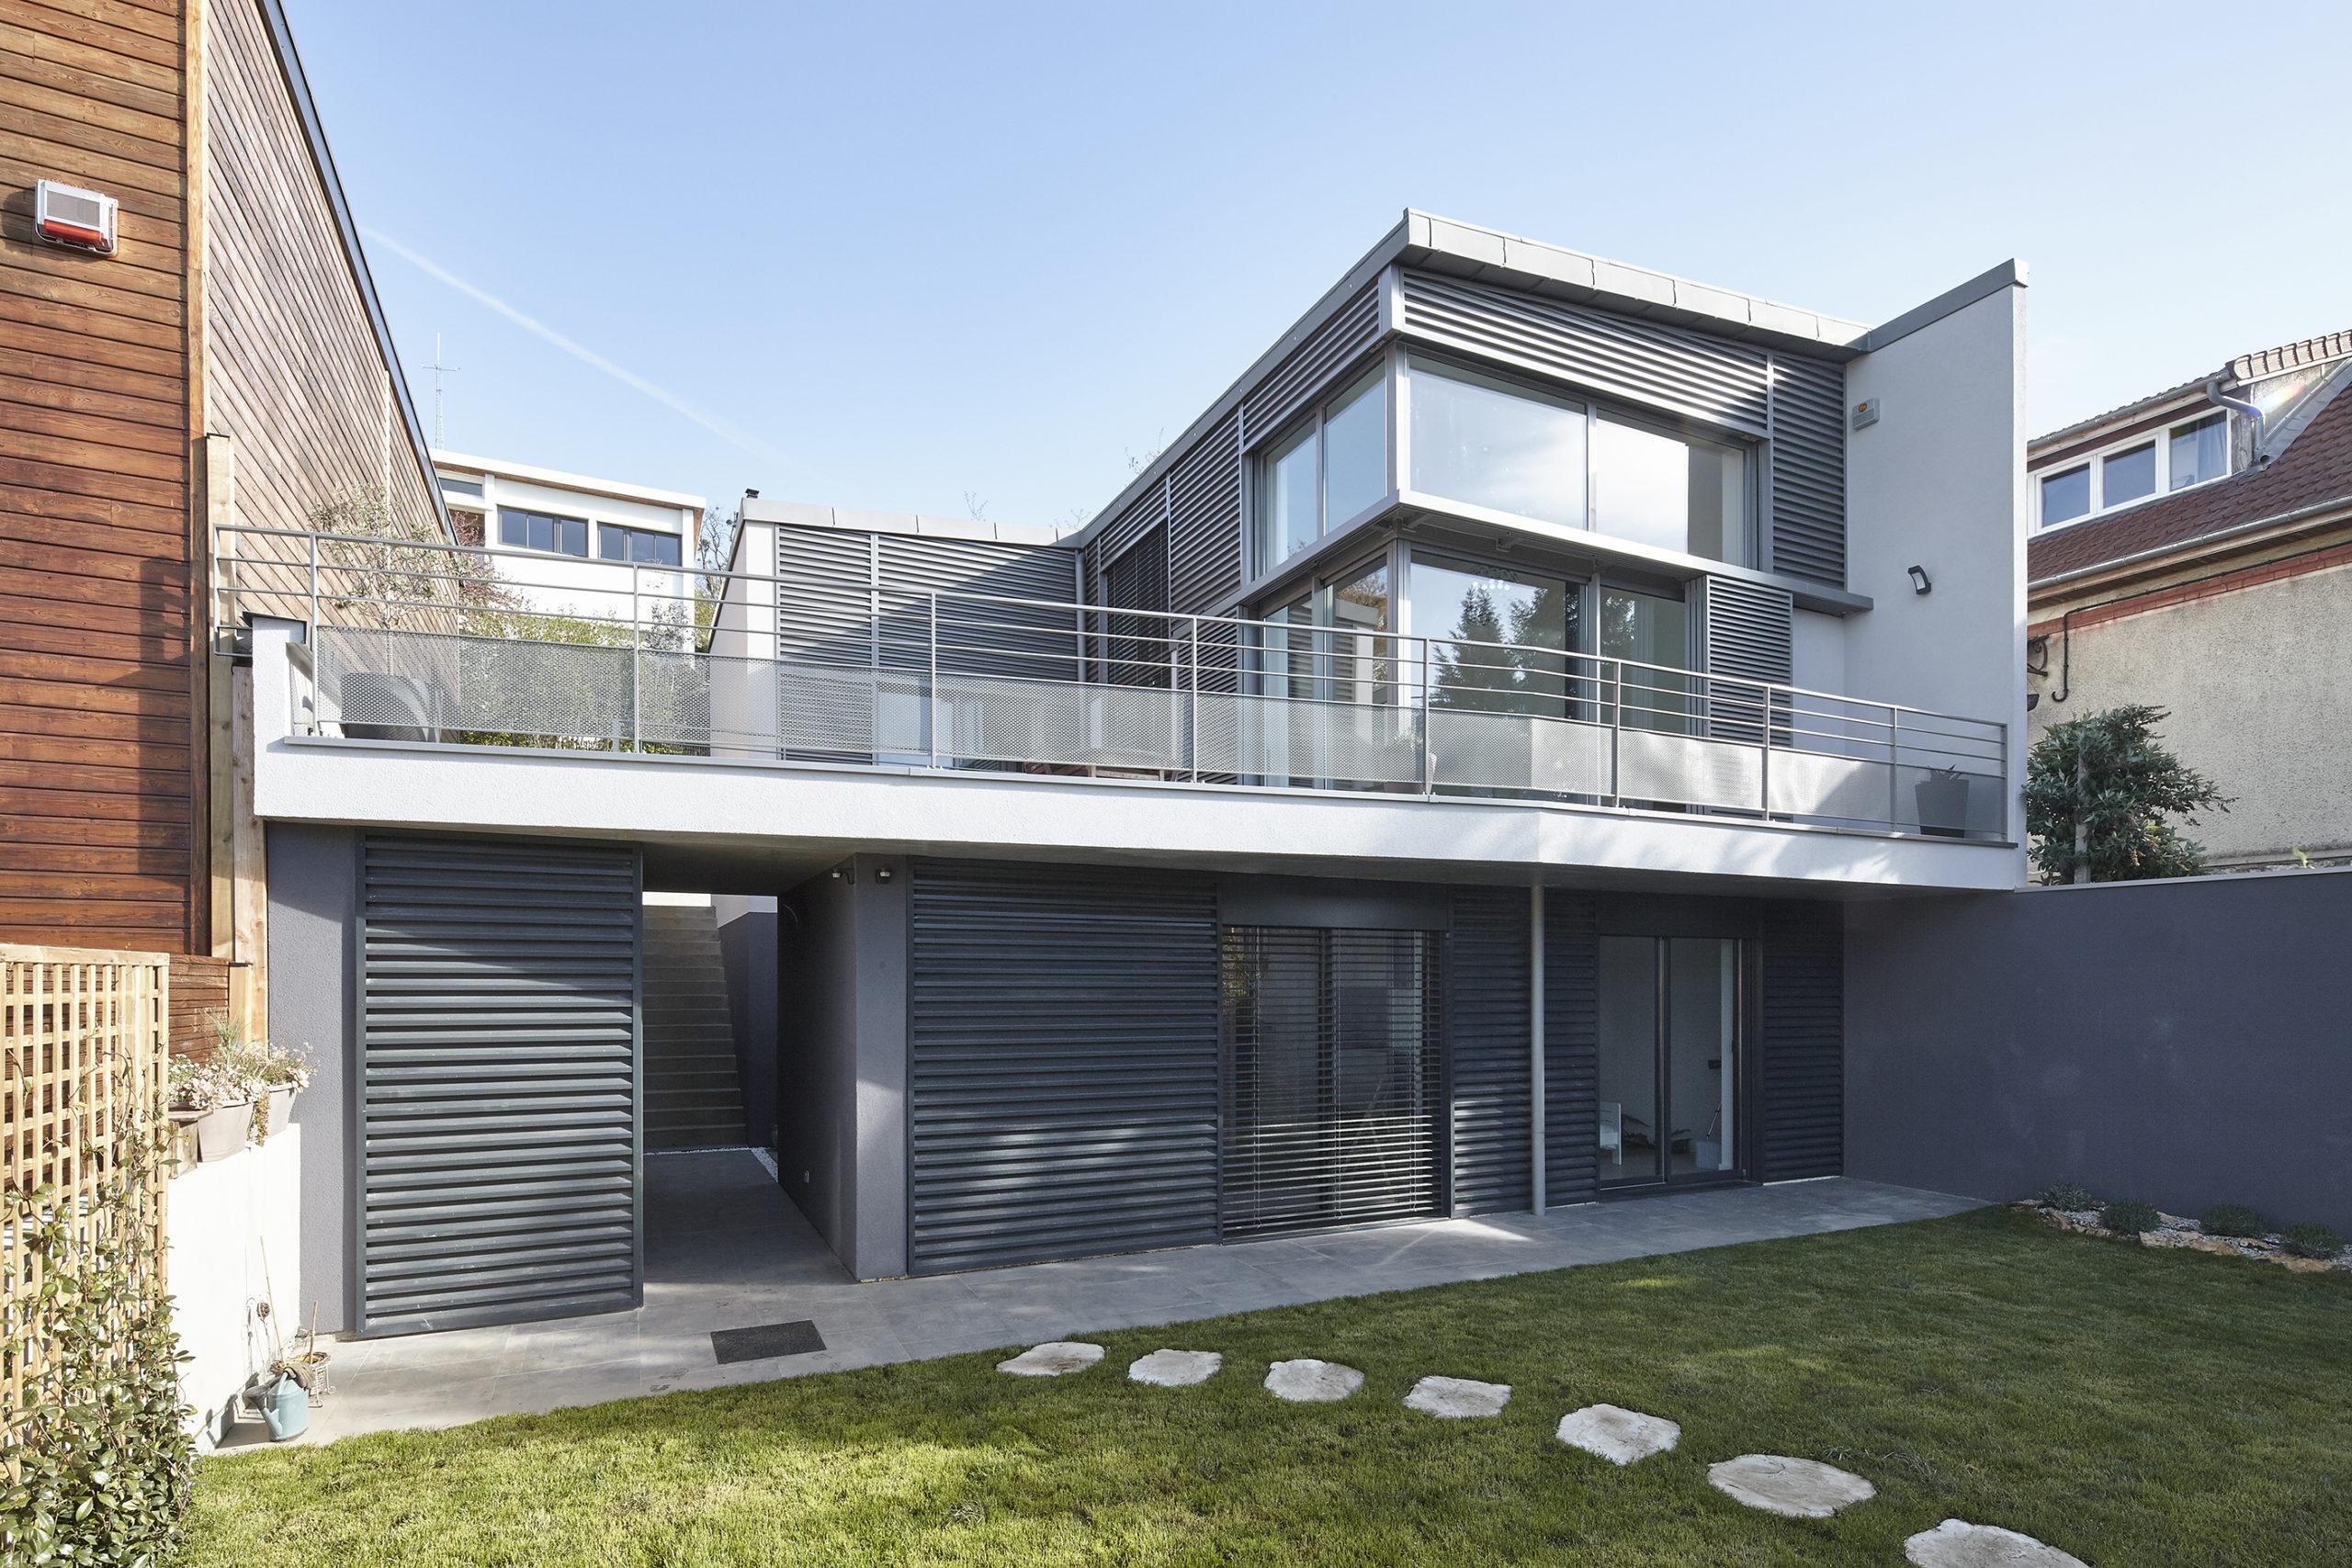 Photographie prise depuis le jardin au sud, où l'on voit le système de stores et panneaux persiennés en façade qui permet de réguler la température et l'ensoleillement sur les deux étages.